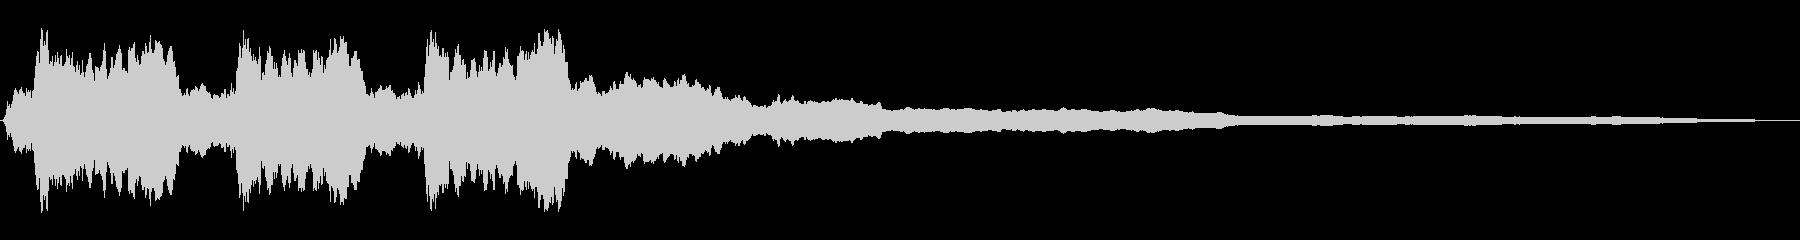 消防車のサイレン:内線:嘆き、静止...の未再生の波形